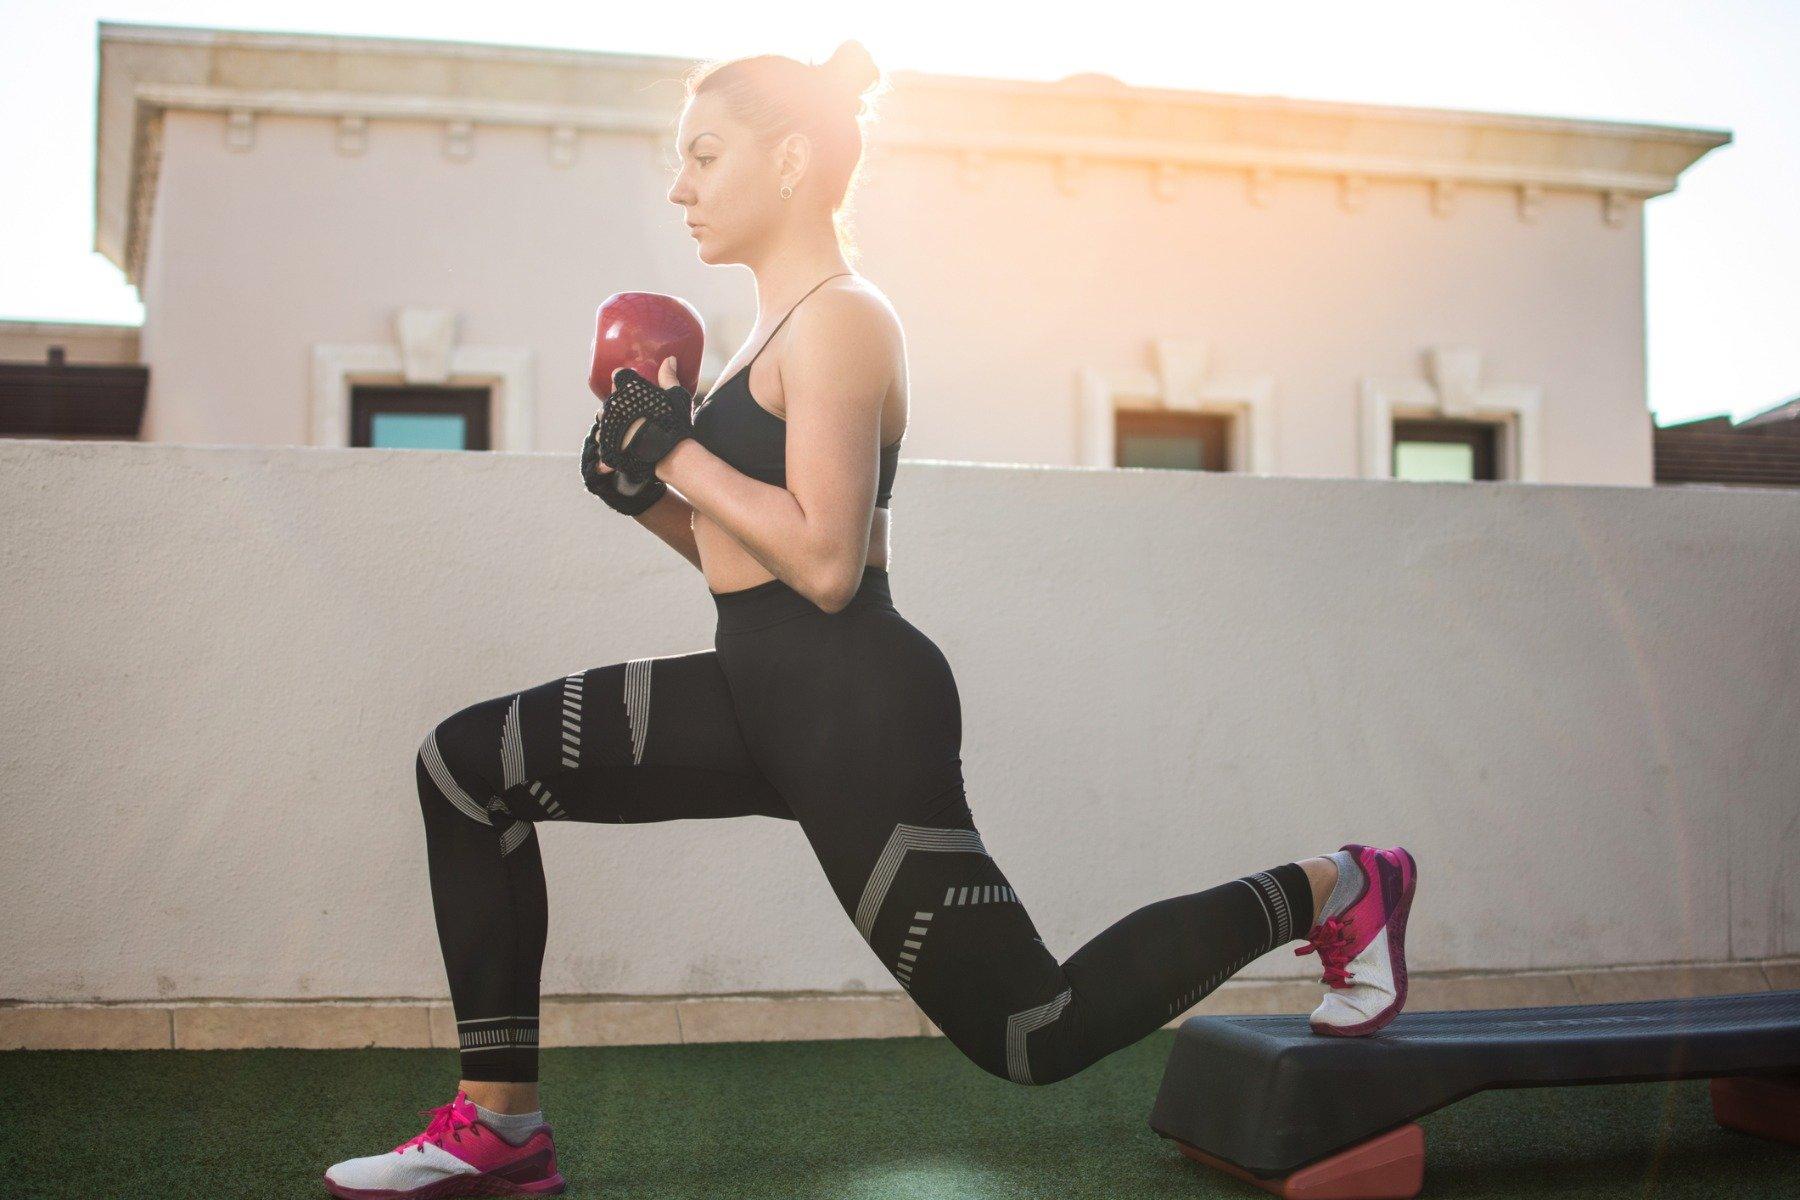 Súlyzós edzés nőknek - Fogyókúra | Femina